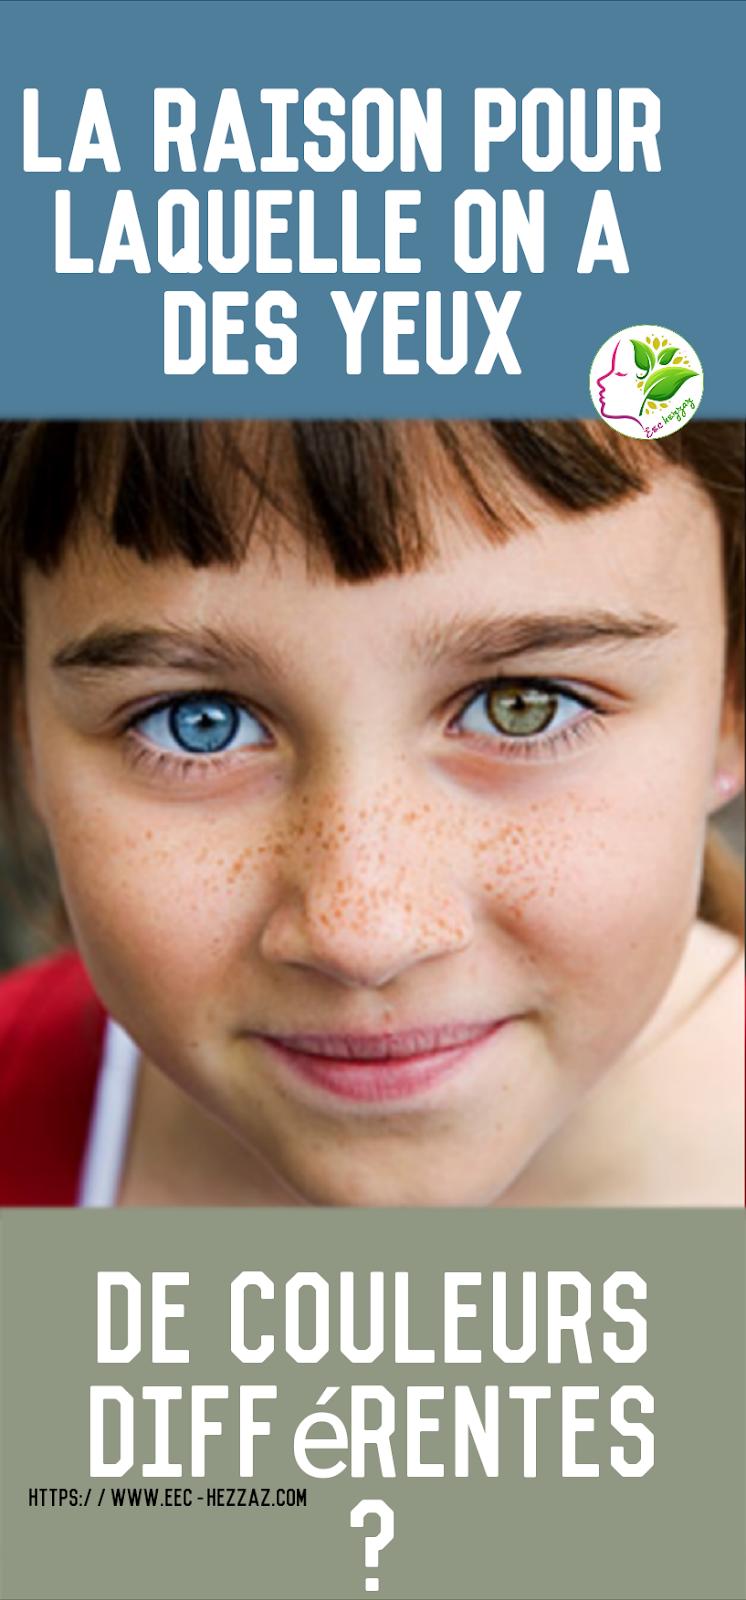 La raison pour laquelle on a des yeux de couleurs différentes?